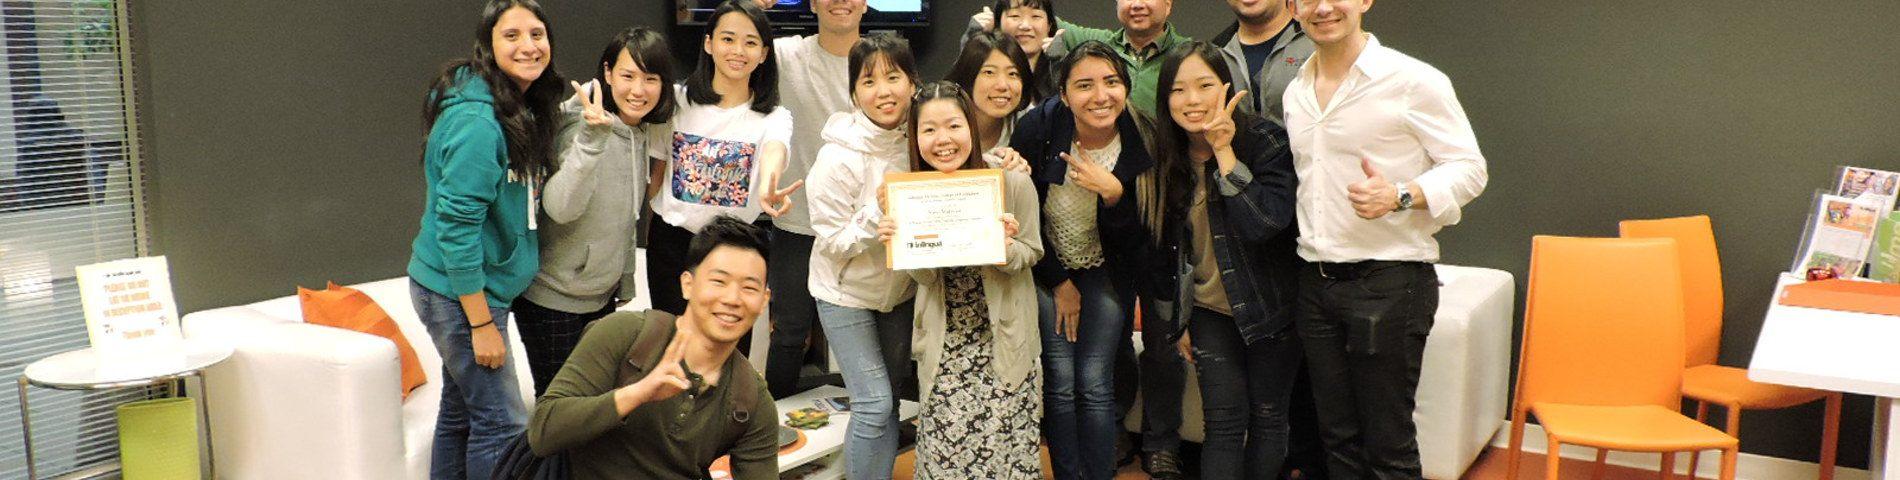 inlingua Victoria College of Languages صورة 1